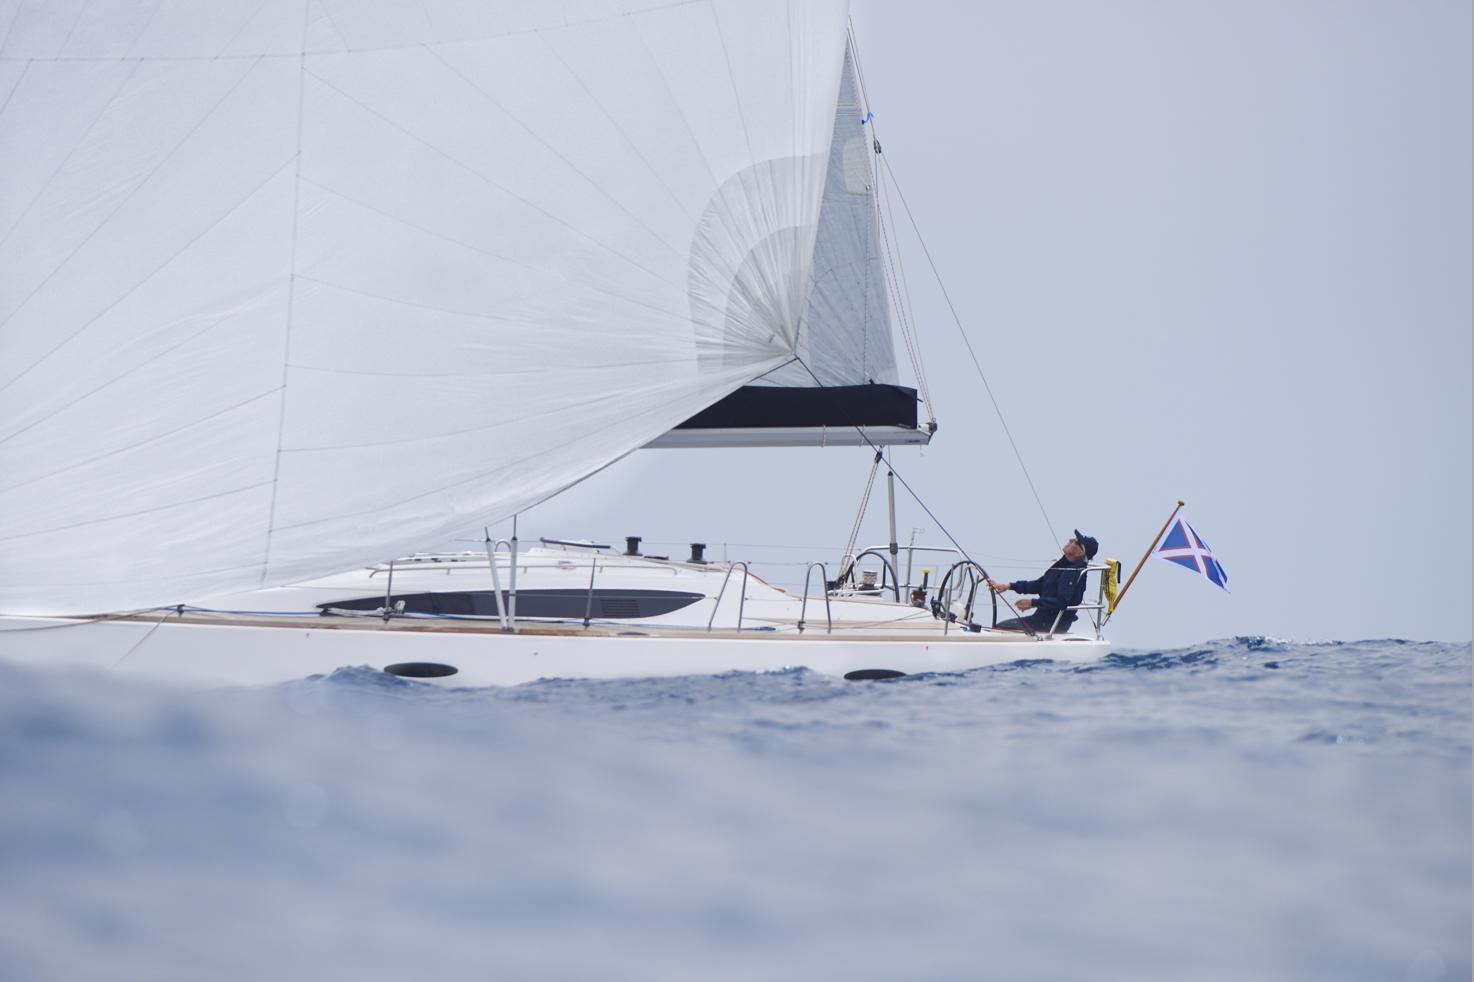 Maxi 1200 - Ocean Sailing